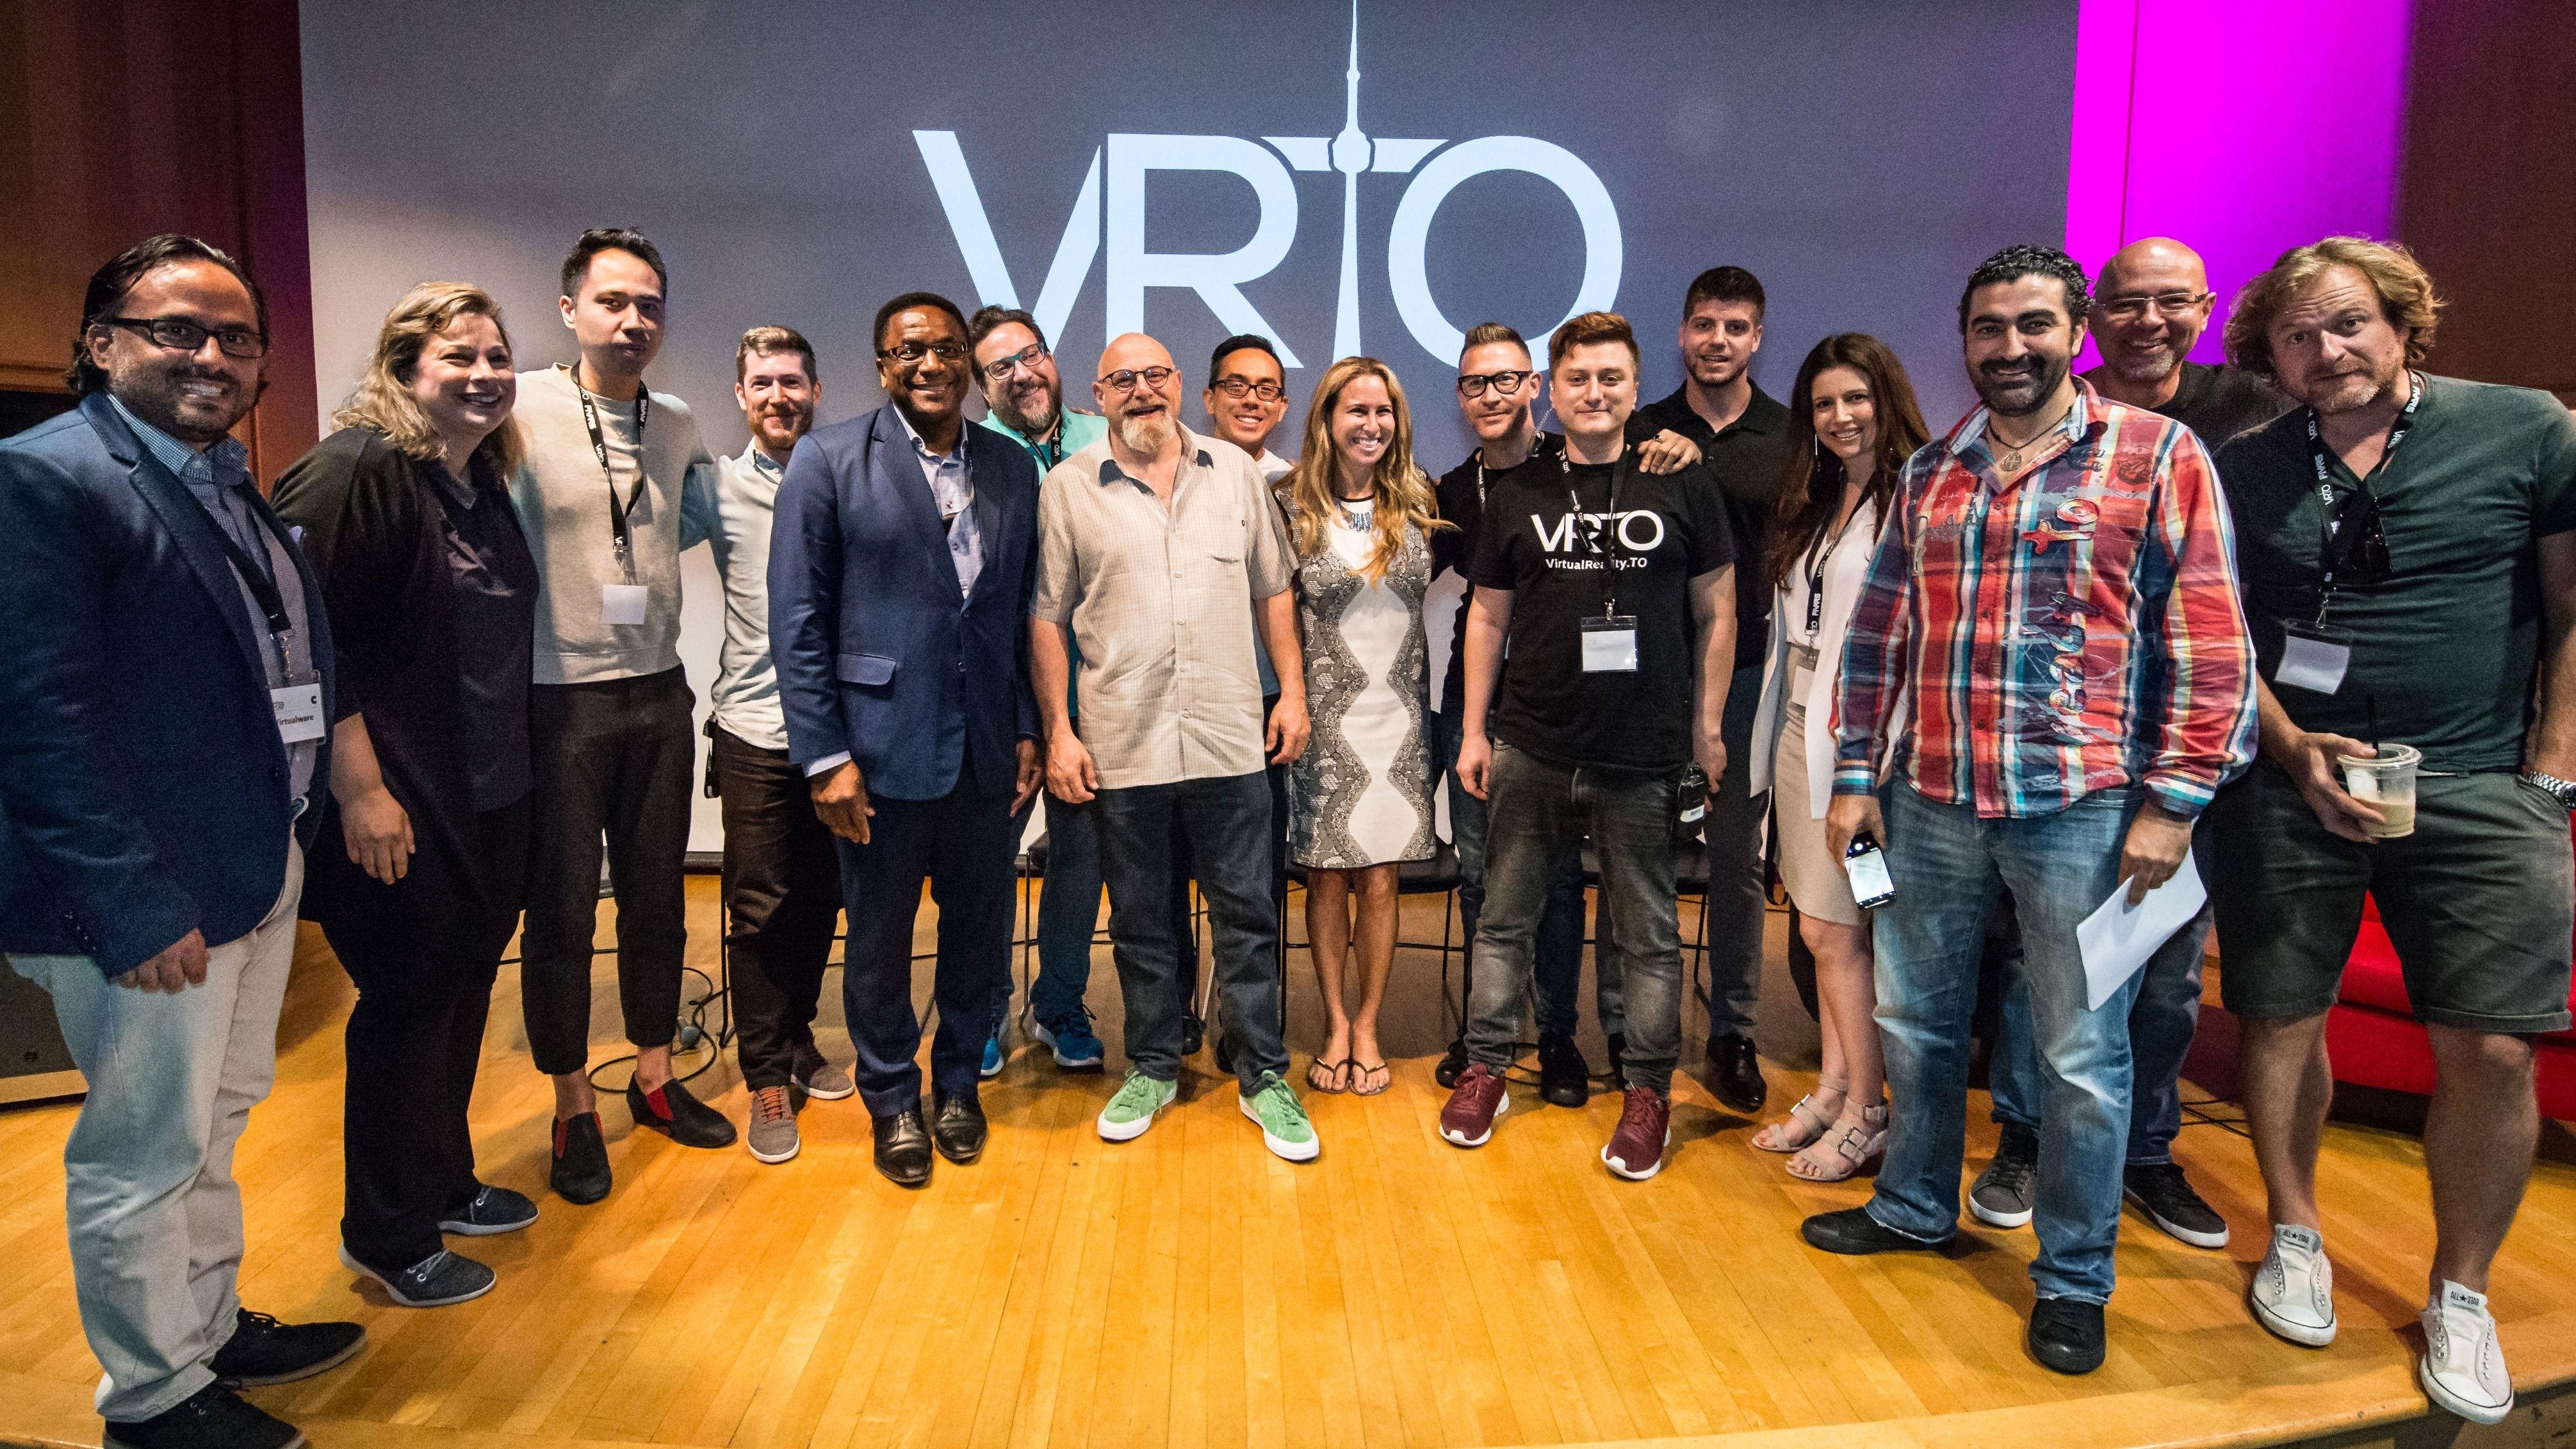 VRTO ( Virtual Reality Toronto ) #VRToronto